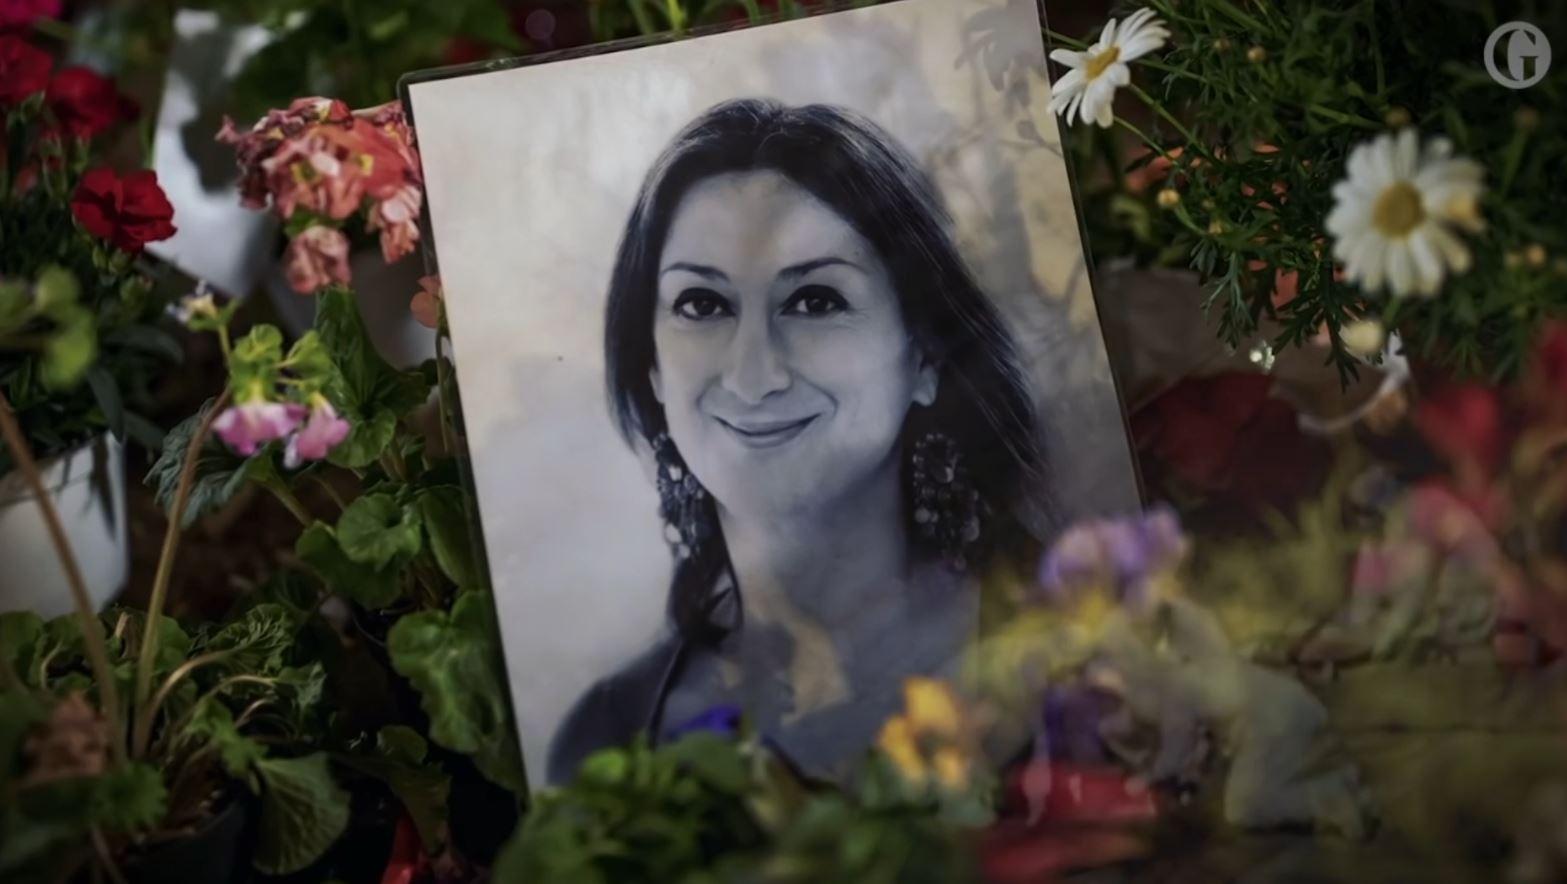 Vranë gazetaren me bombën që porositën në Shqipëri?